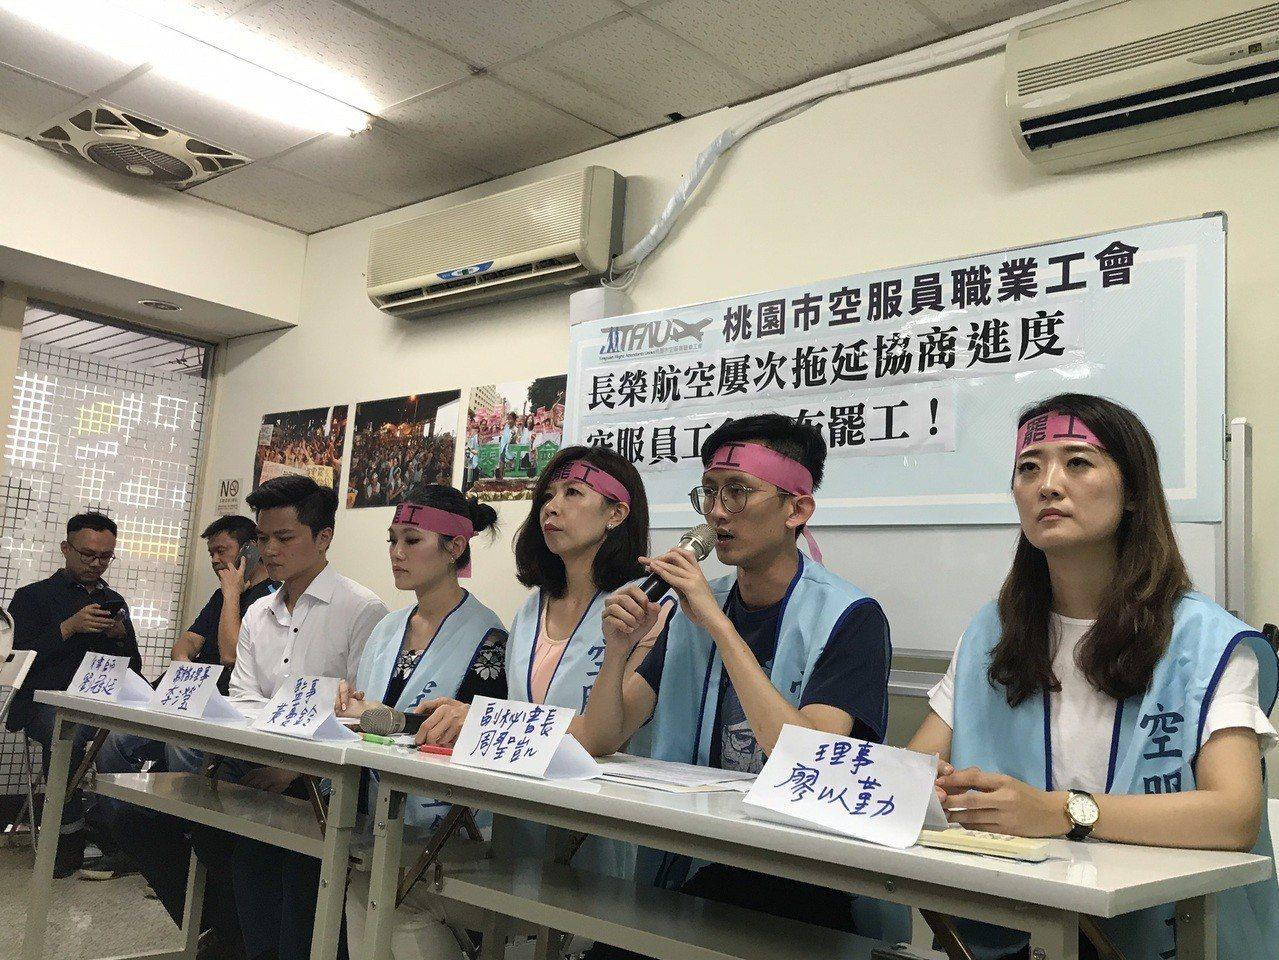 長榮航空空服員宣布今下午4點開始罷工行動,目前現場已有700多名空服員聚集,工會...